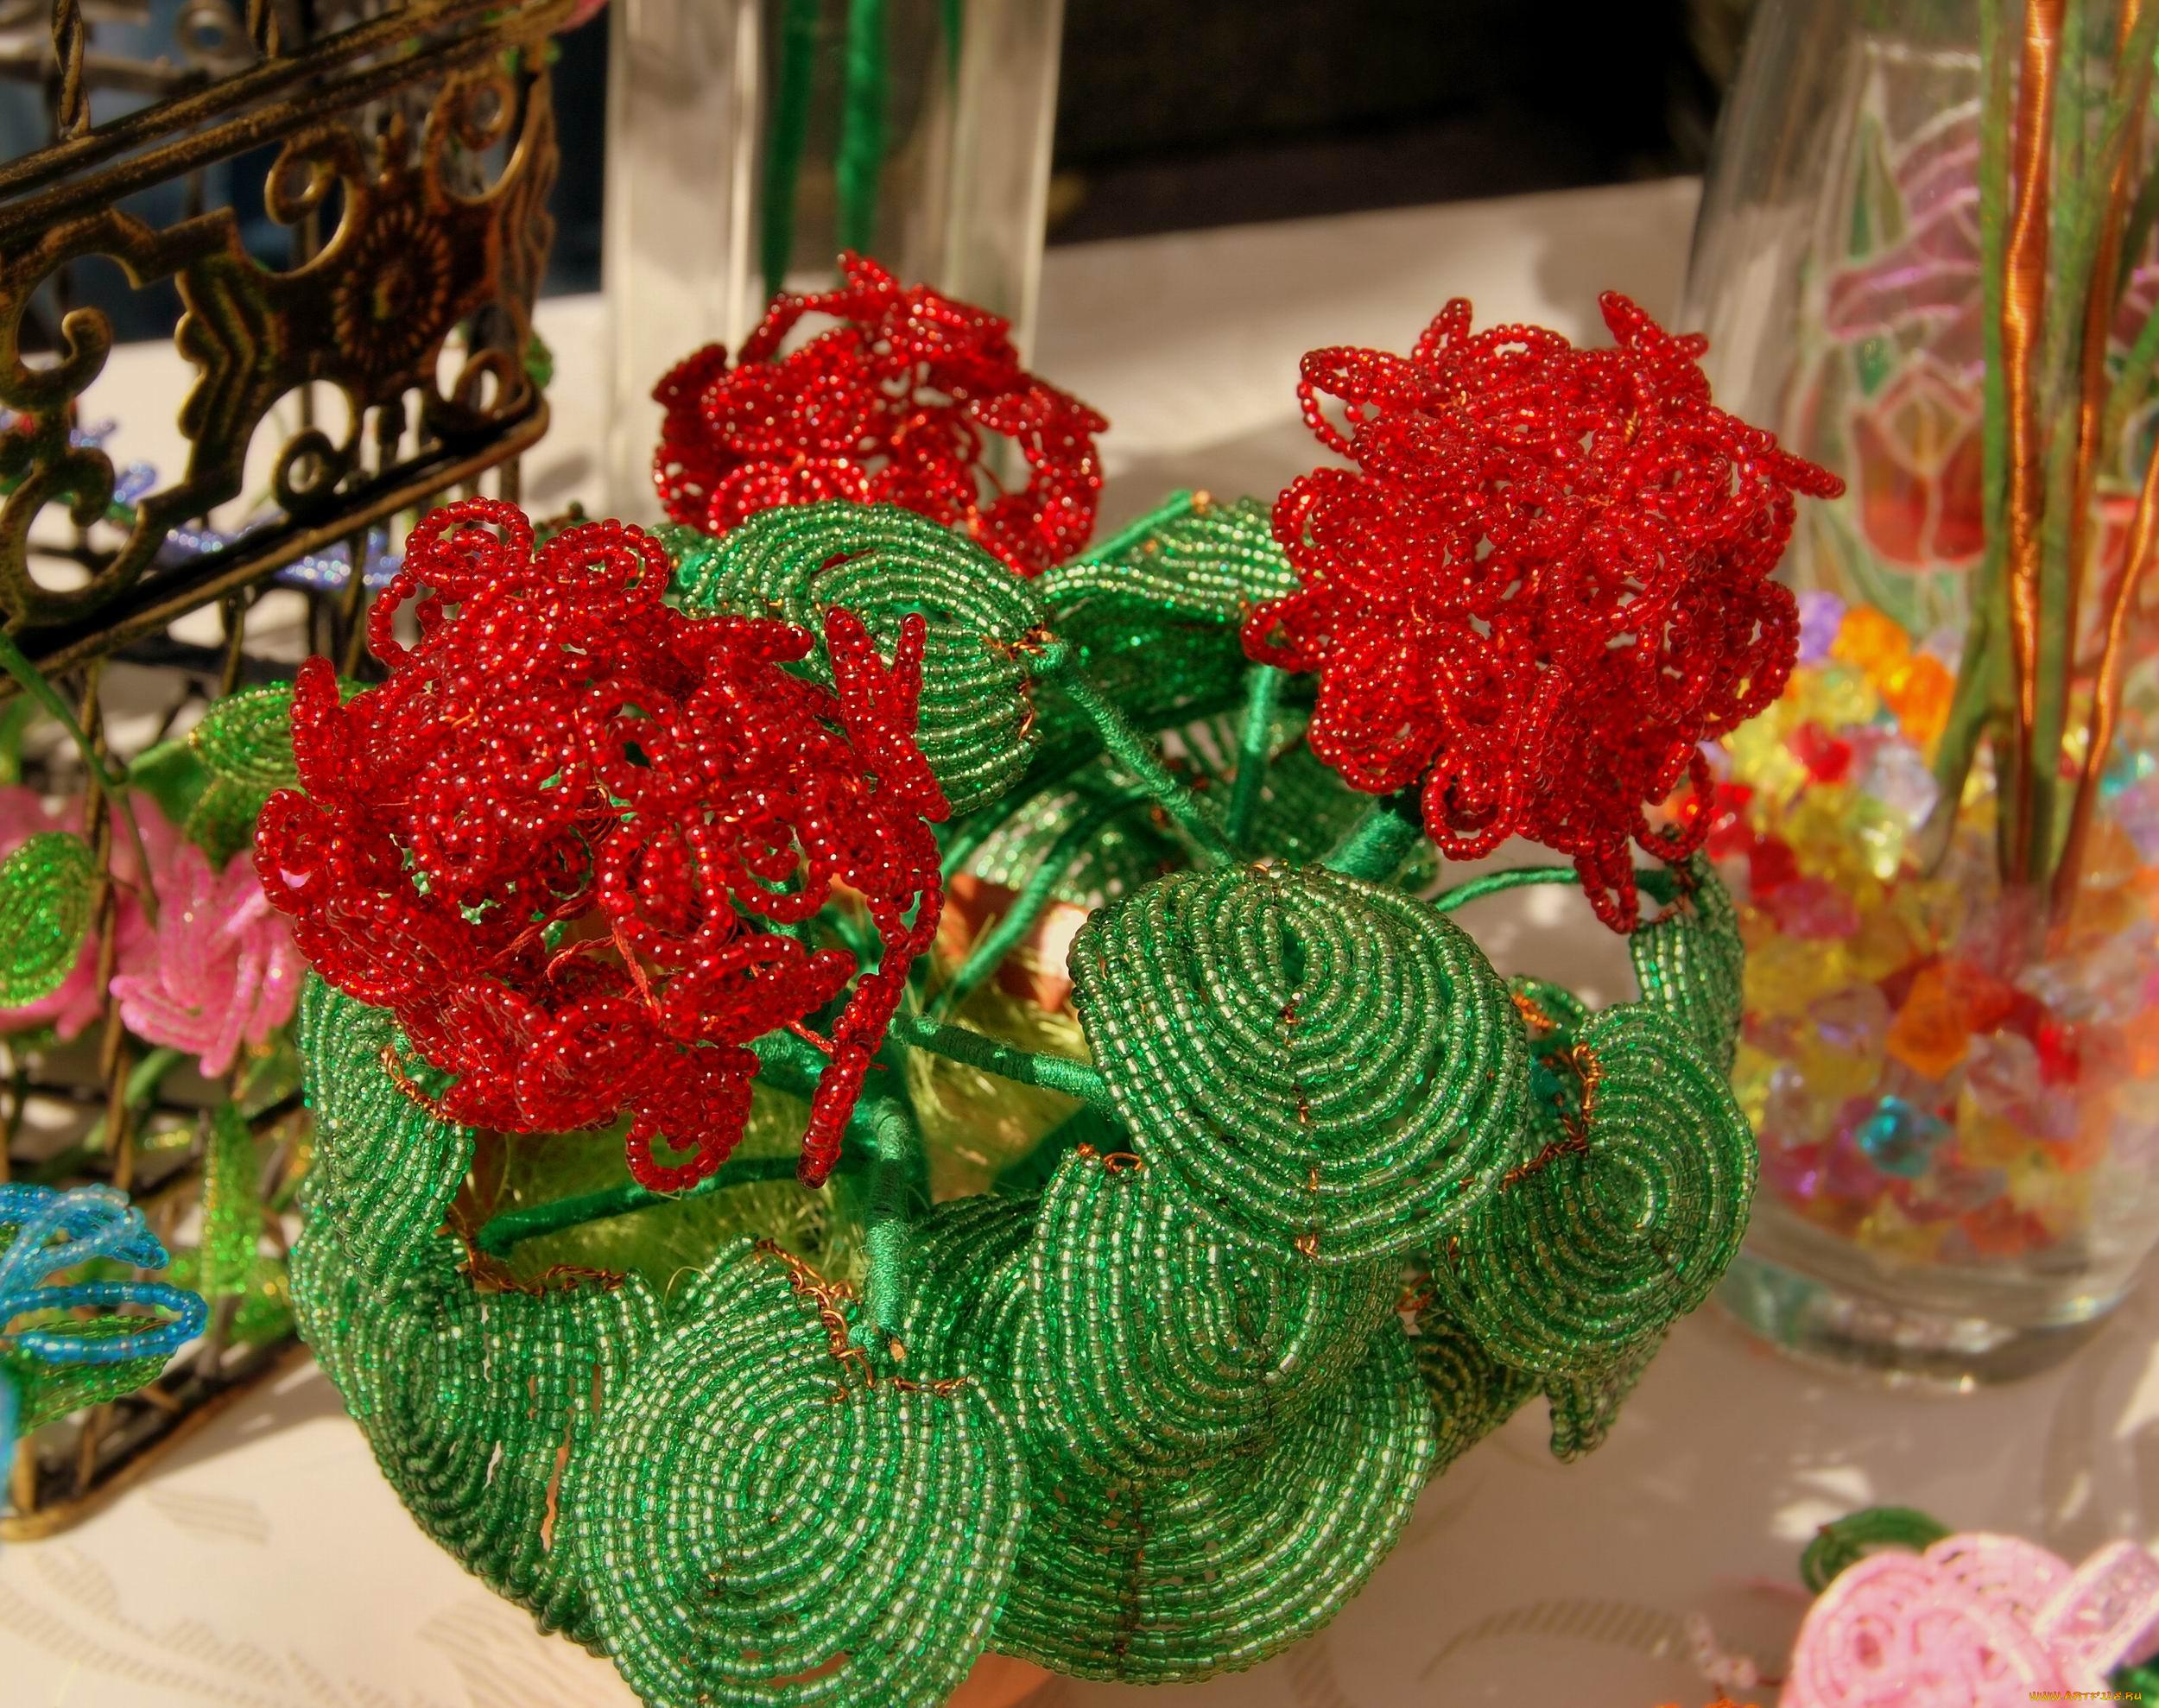 рукоделие из бисера... обои для рабочего стола 2500x1898 разное, ремесла, поделки, рукоделие, бисер, розы, цветы...